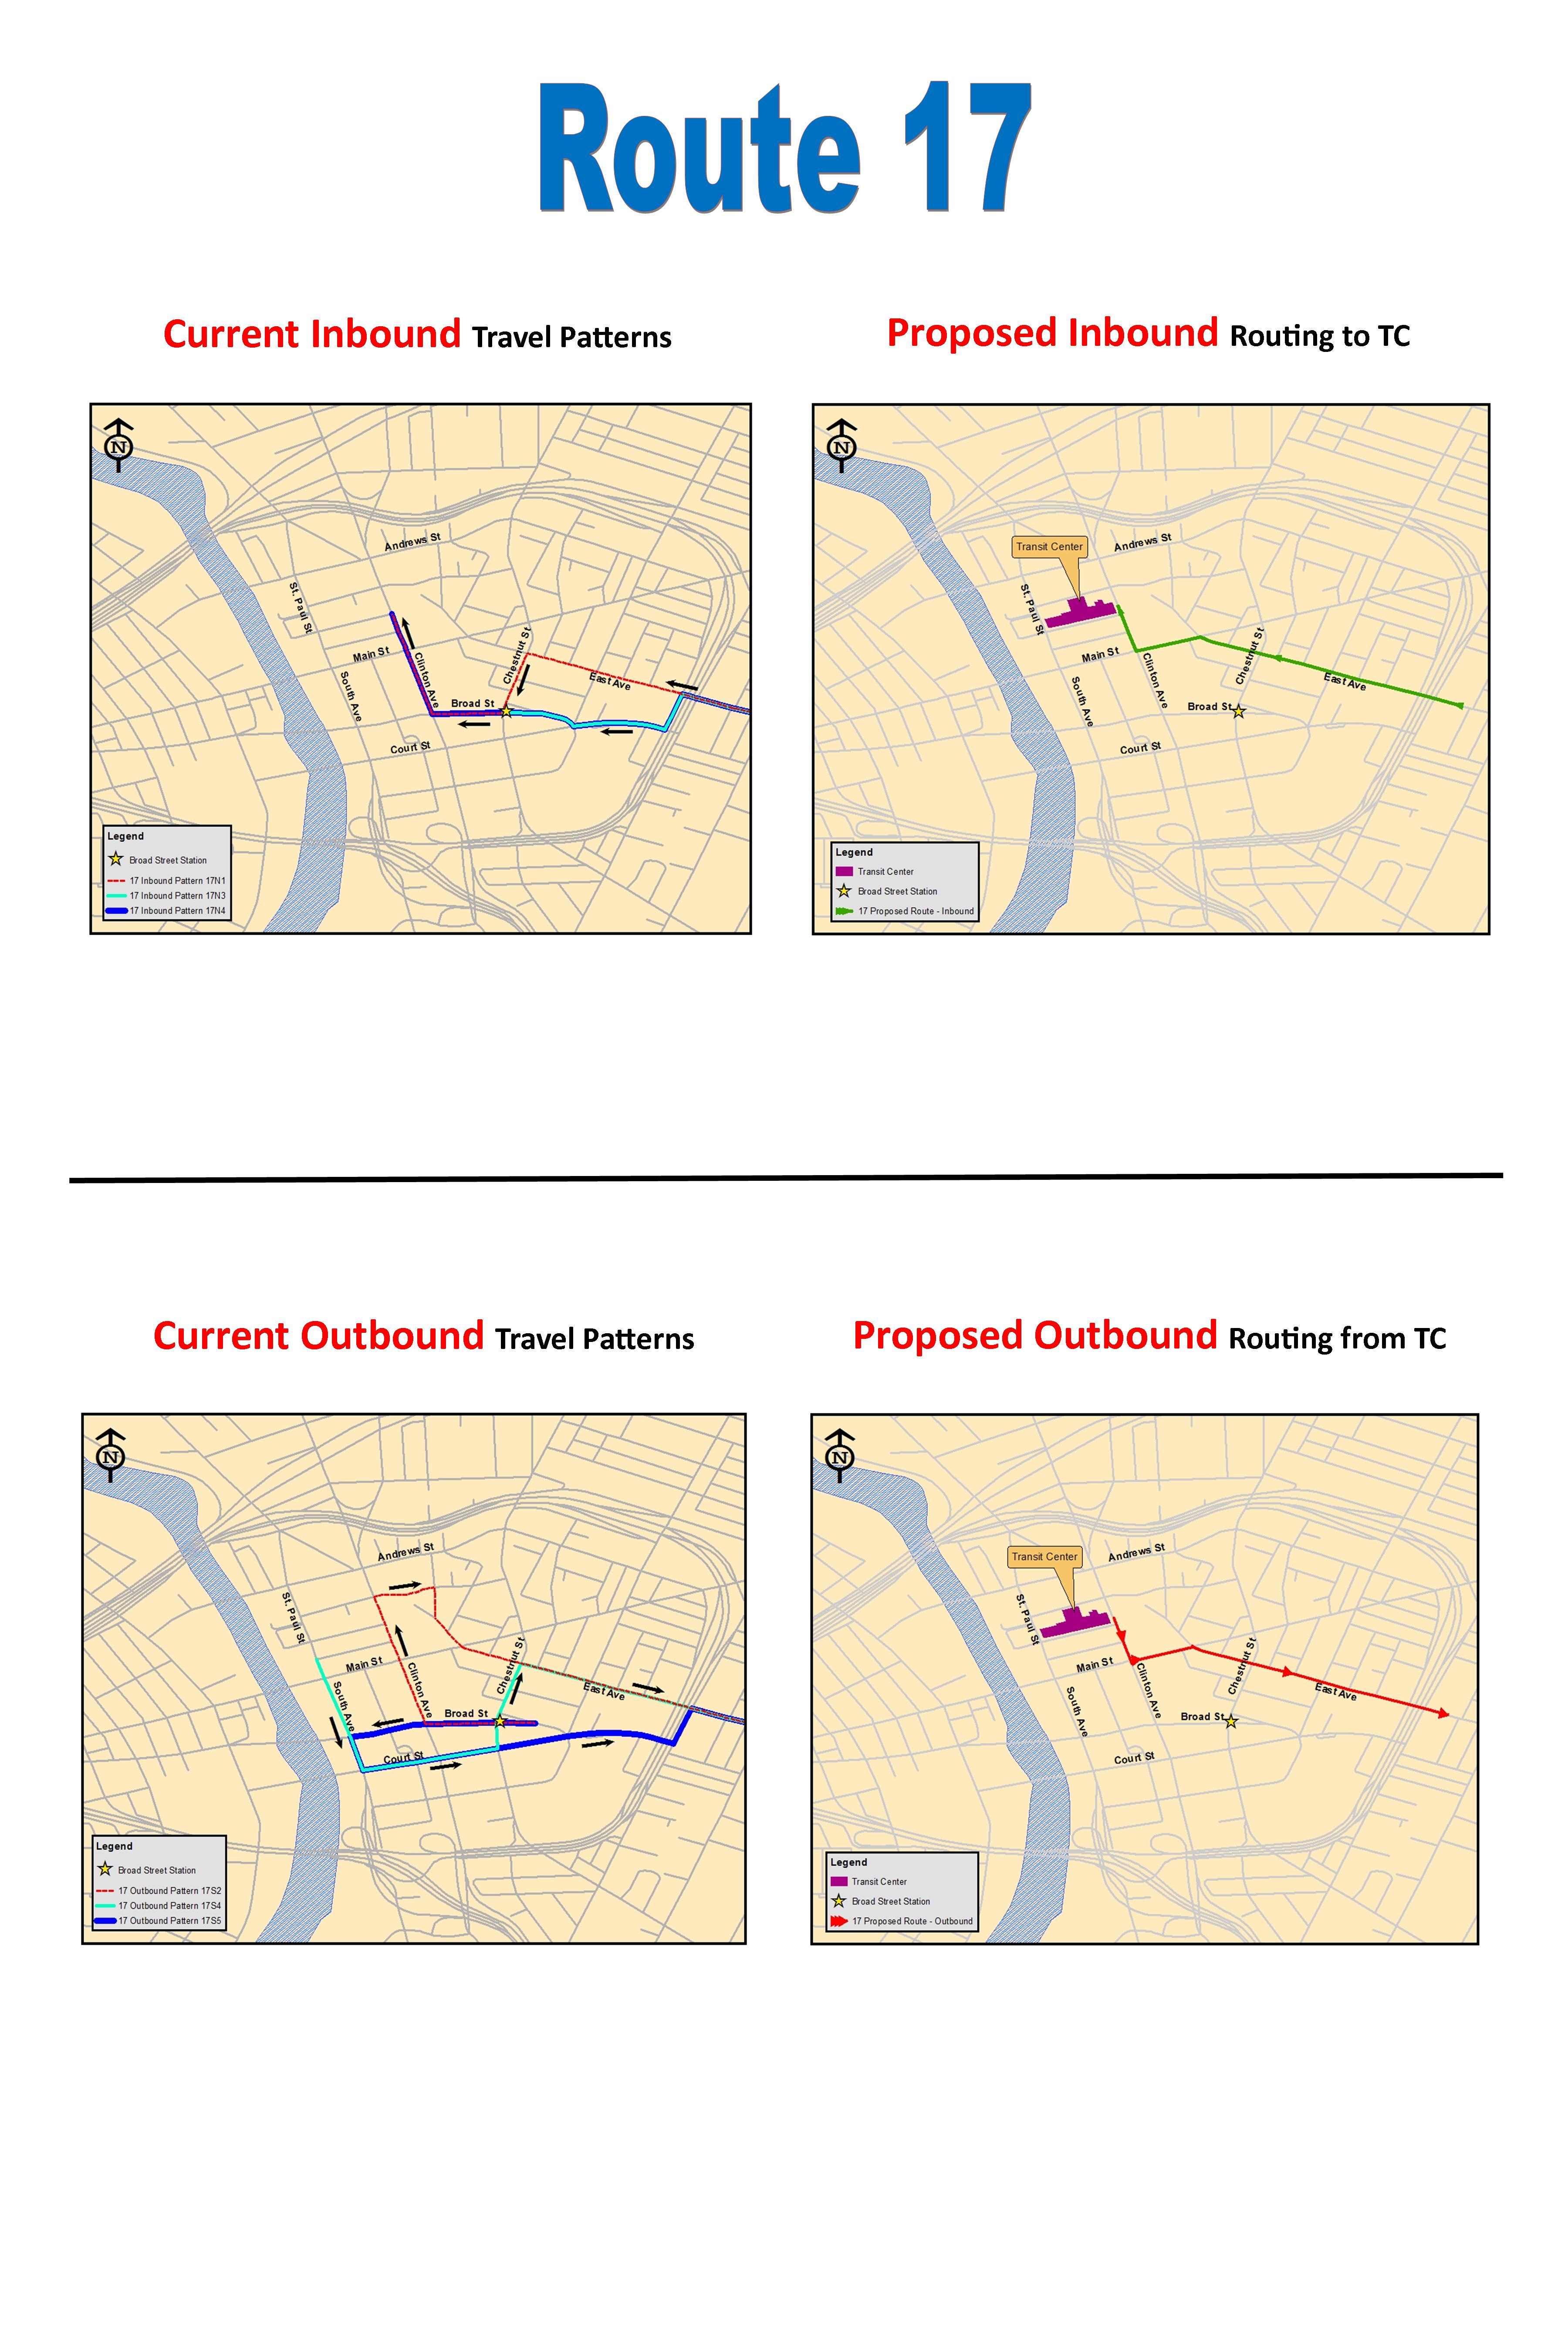 RTS: Regional Transit Service > Secondary Nav > Planning ... on northfield ny map, charlotte nc map, rochester zip codes by street, corning ny map, avon ny map, ithaca ny map, burlington vt map, long island city ny map, niagara university ny map, manhattan ny map, penn yan ny map, brighton ny map, lake ontario ny map, new york map, new paltz map, binghamton ny map, albany ny map, somers ny map, buffalo ny map, rochester new york,